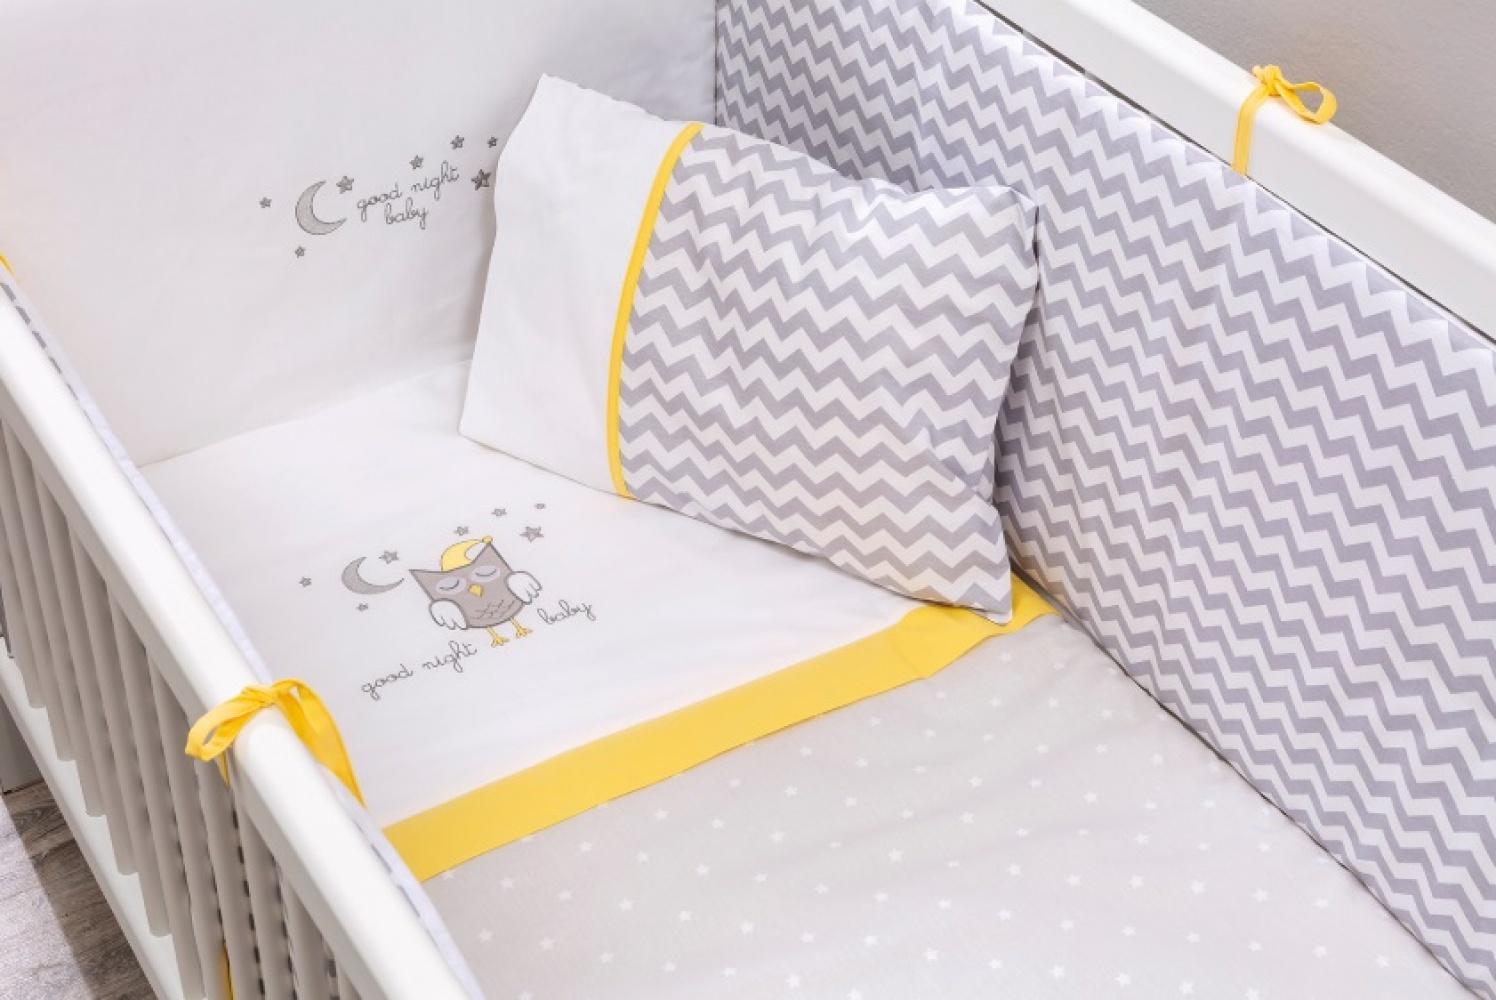 Cilek Bettwäsche Set Happy Nights 60x120 Kaufen Bei Möbel Lux